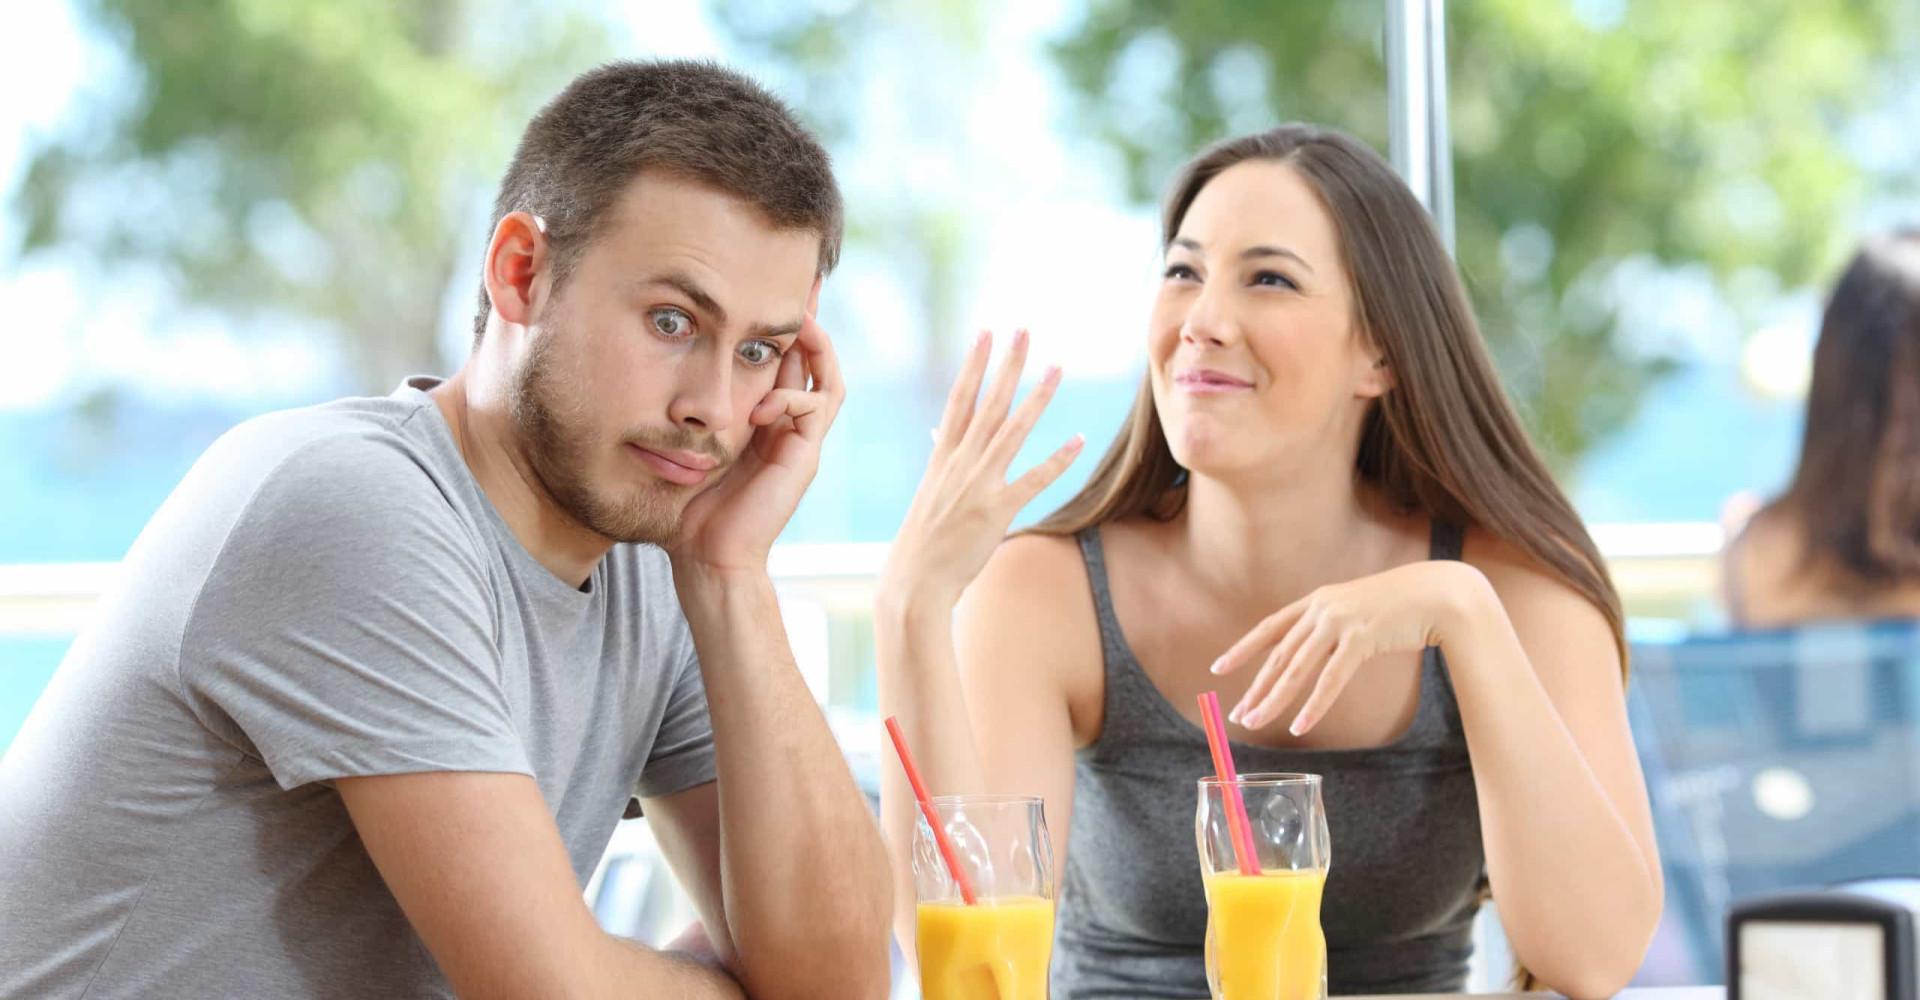 Selectief gehoor: hoe vaak negeert je partner je?